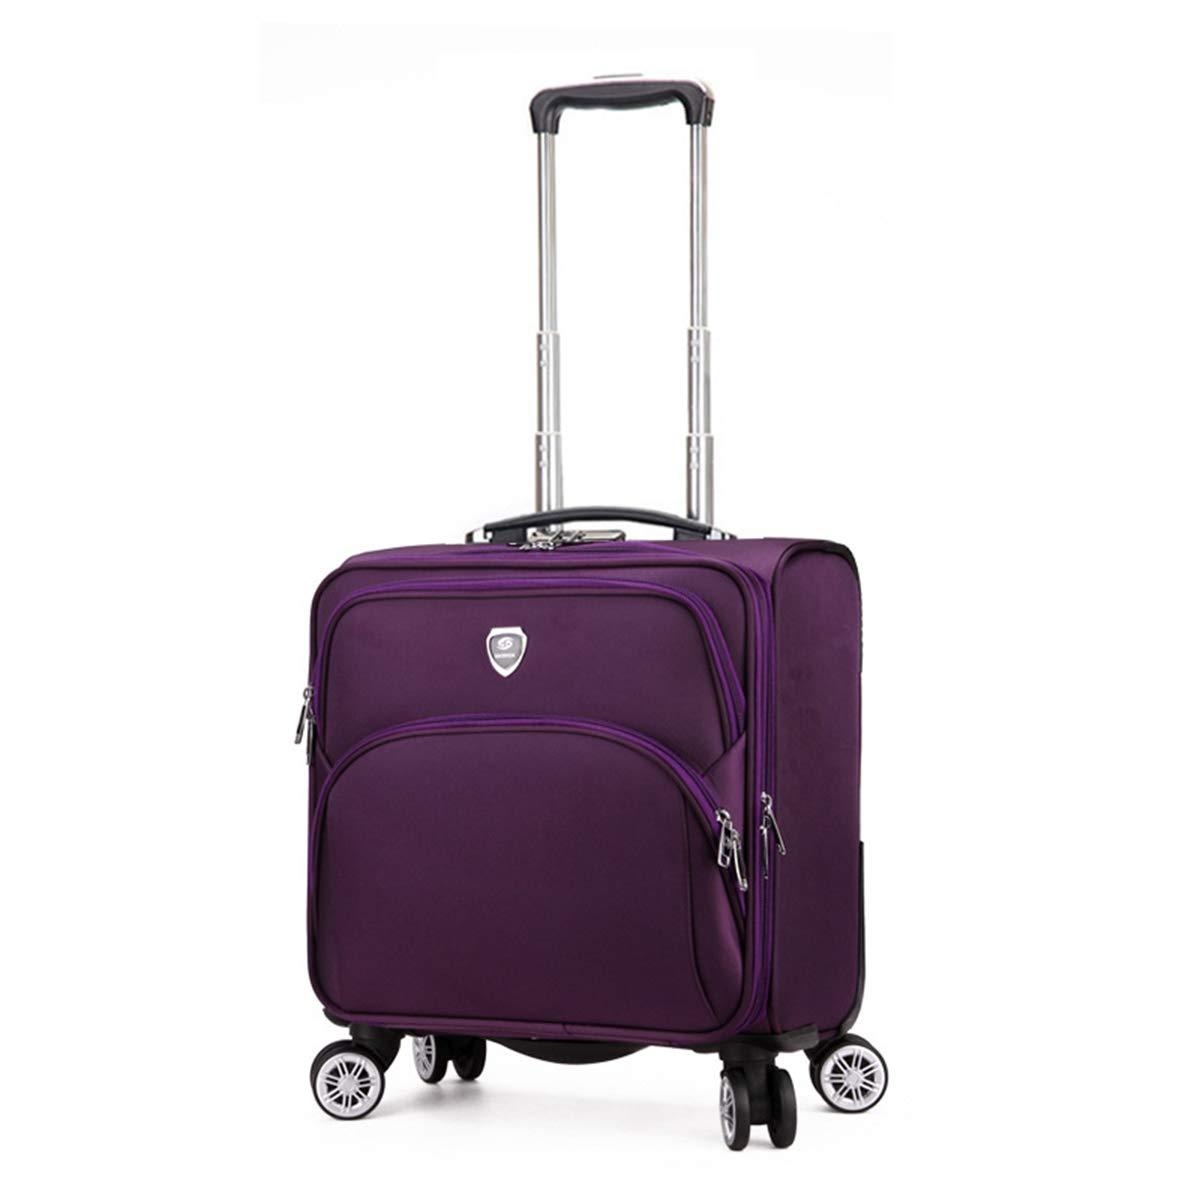 トロリーケース、ファッションカジュアルビジネススーツケースキャリーオン搭乗荷物とホイール&デジタルコードロック,purple purple  B07R9X6DFB